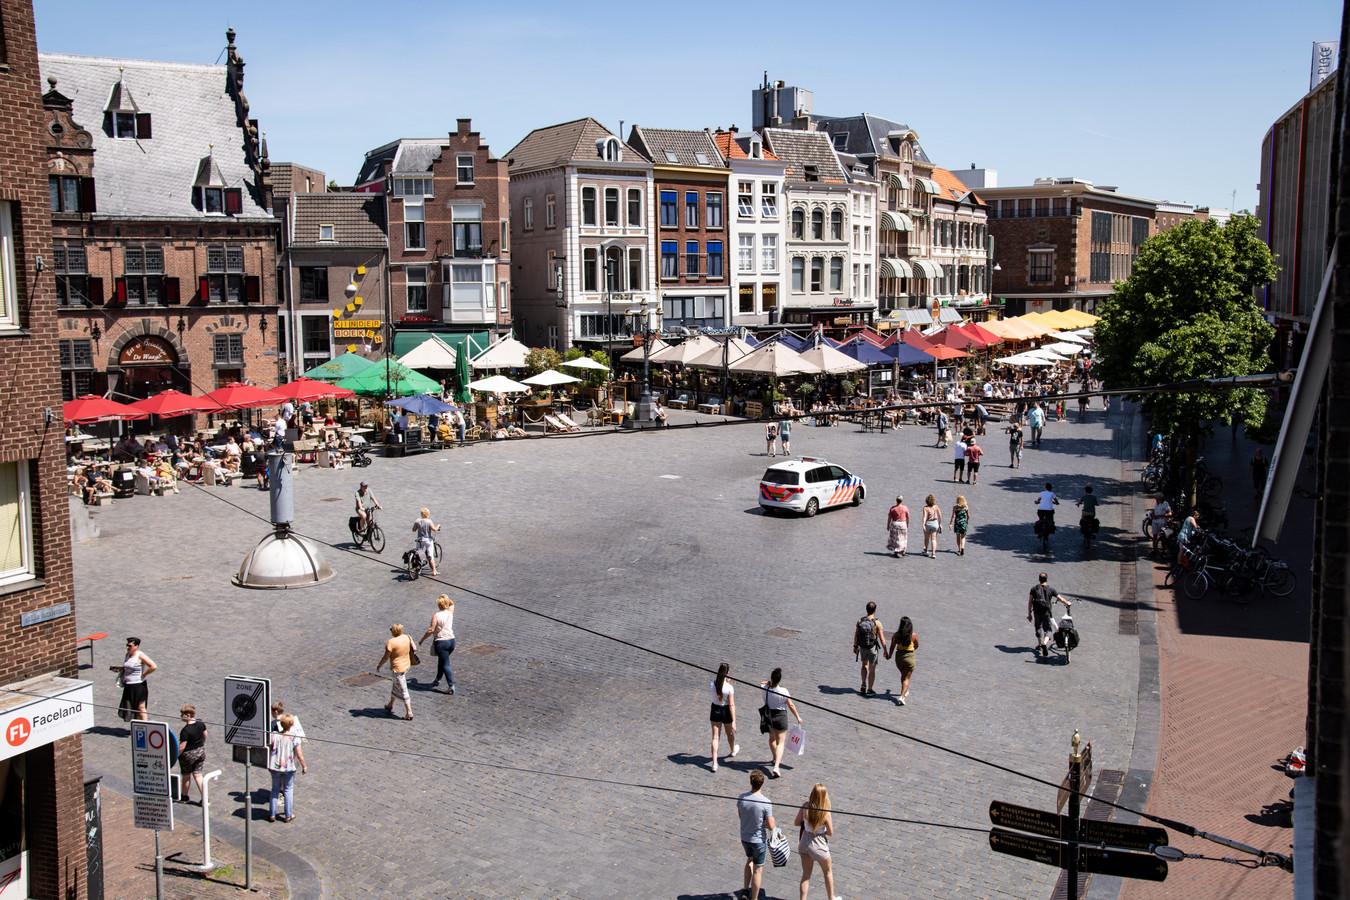 PR dgfoto Gelderlander Nijmegen: corona, 1 juni 12:00 uur, de terassen gaan weer open. [OP DE FOTO: EN BEHOORLIJKE DRUKTE OP DE GROTE MARKT. DE POLITIE HOUDT EEN OOGJE IN HET ZEIL]